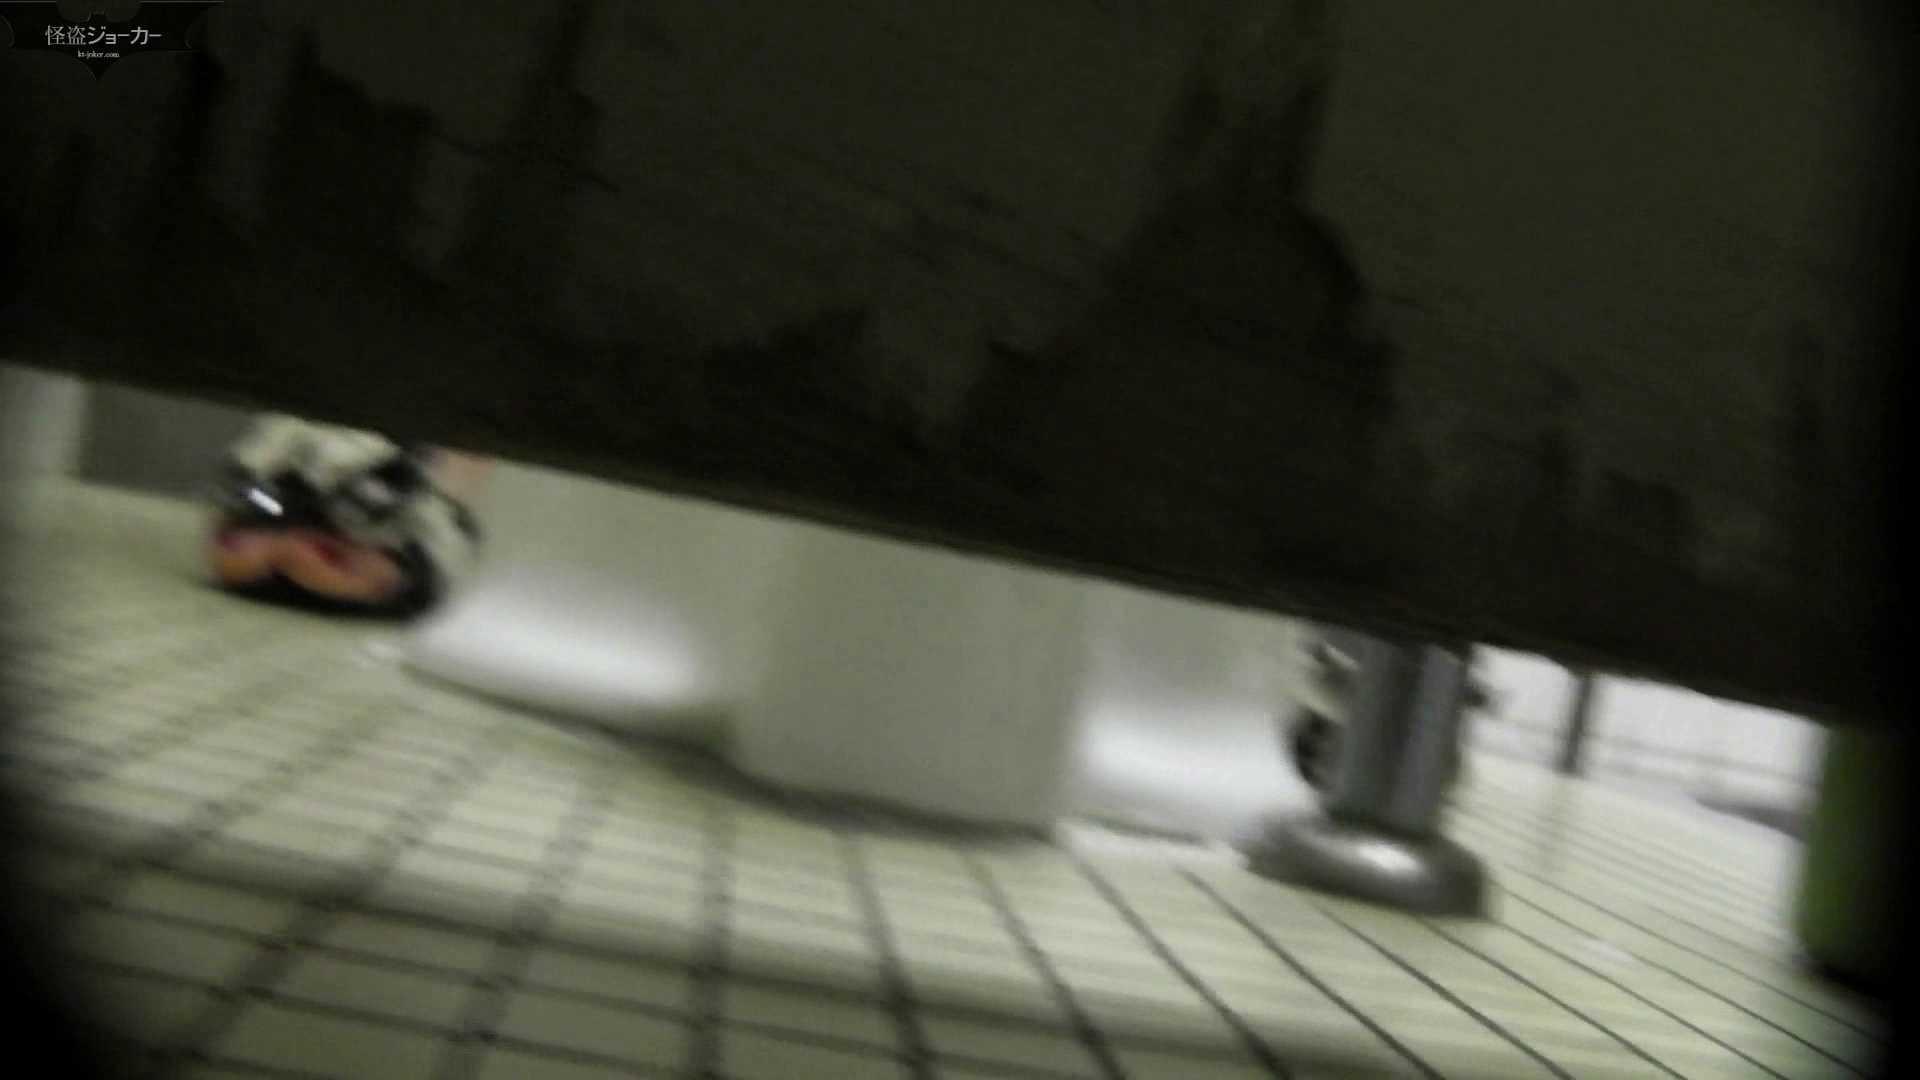 【美しき個室な世界】洗面所特攻隊 vol.051 高評価 セックス画像 100枚 76